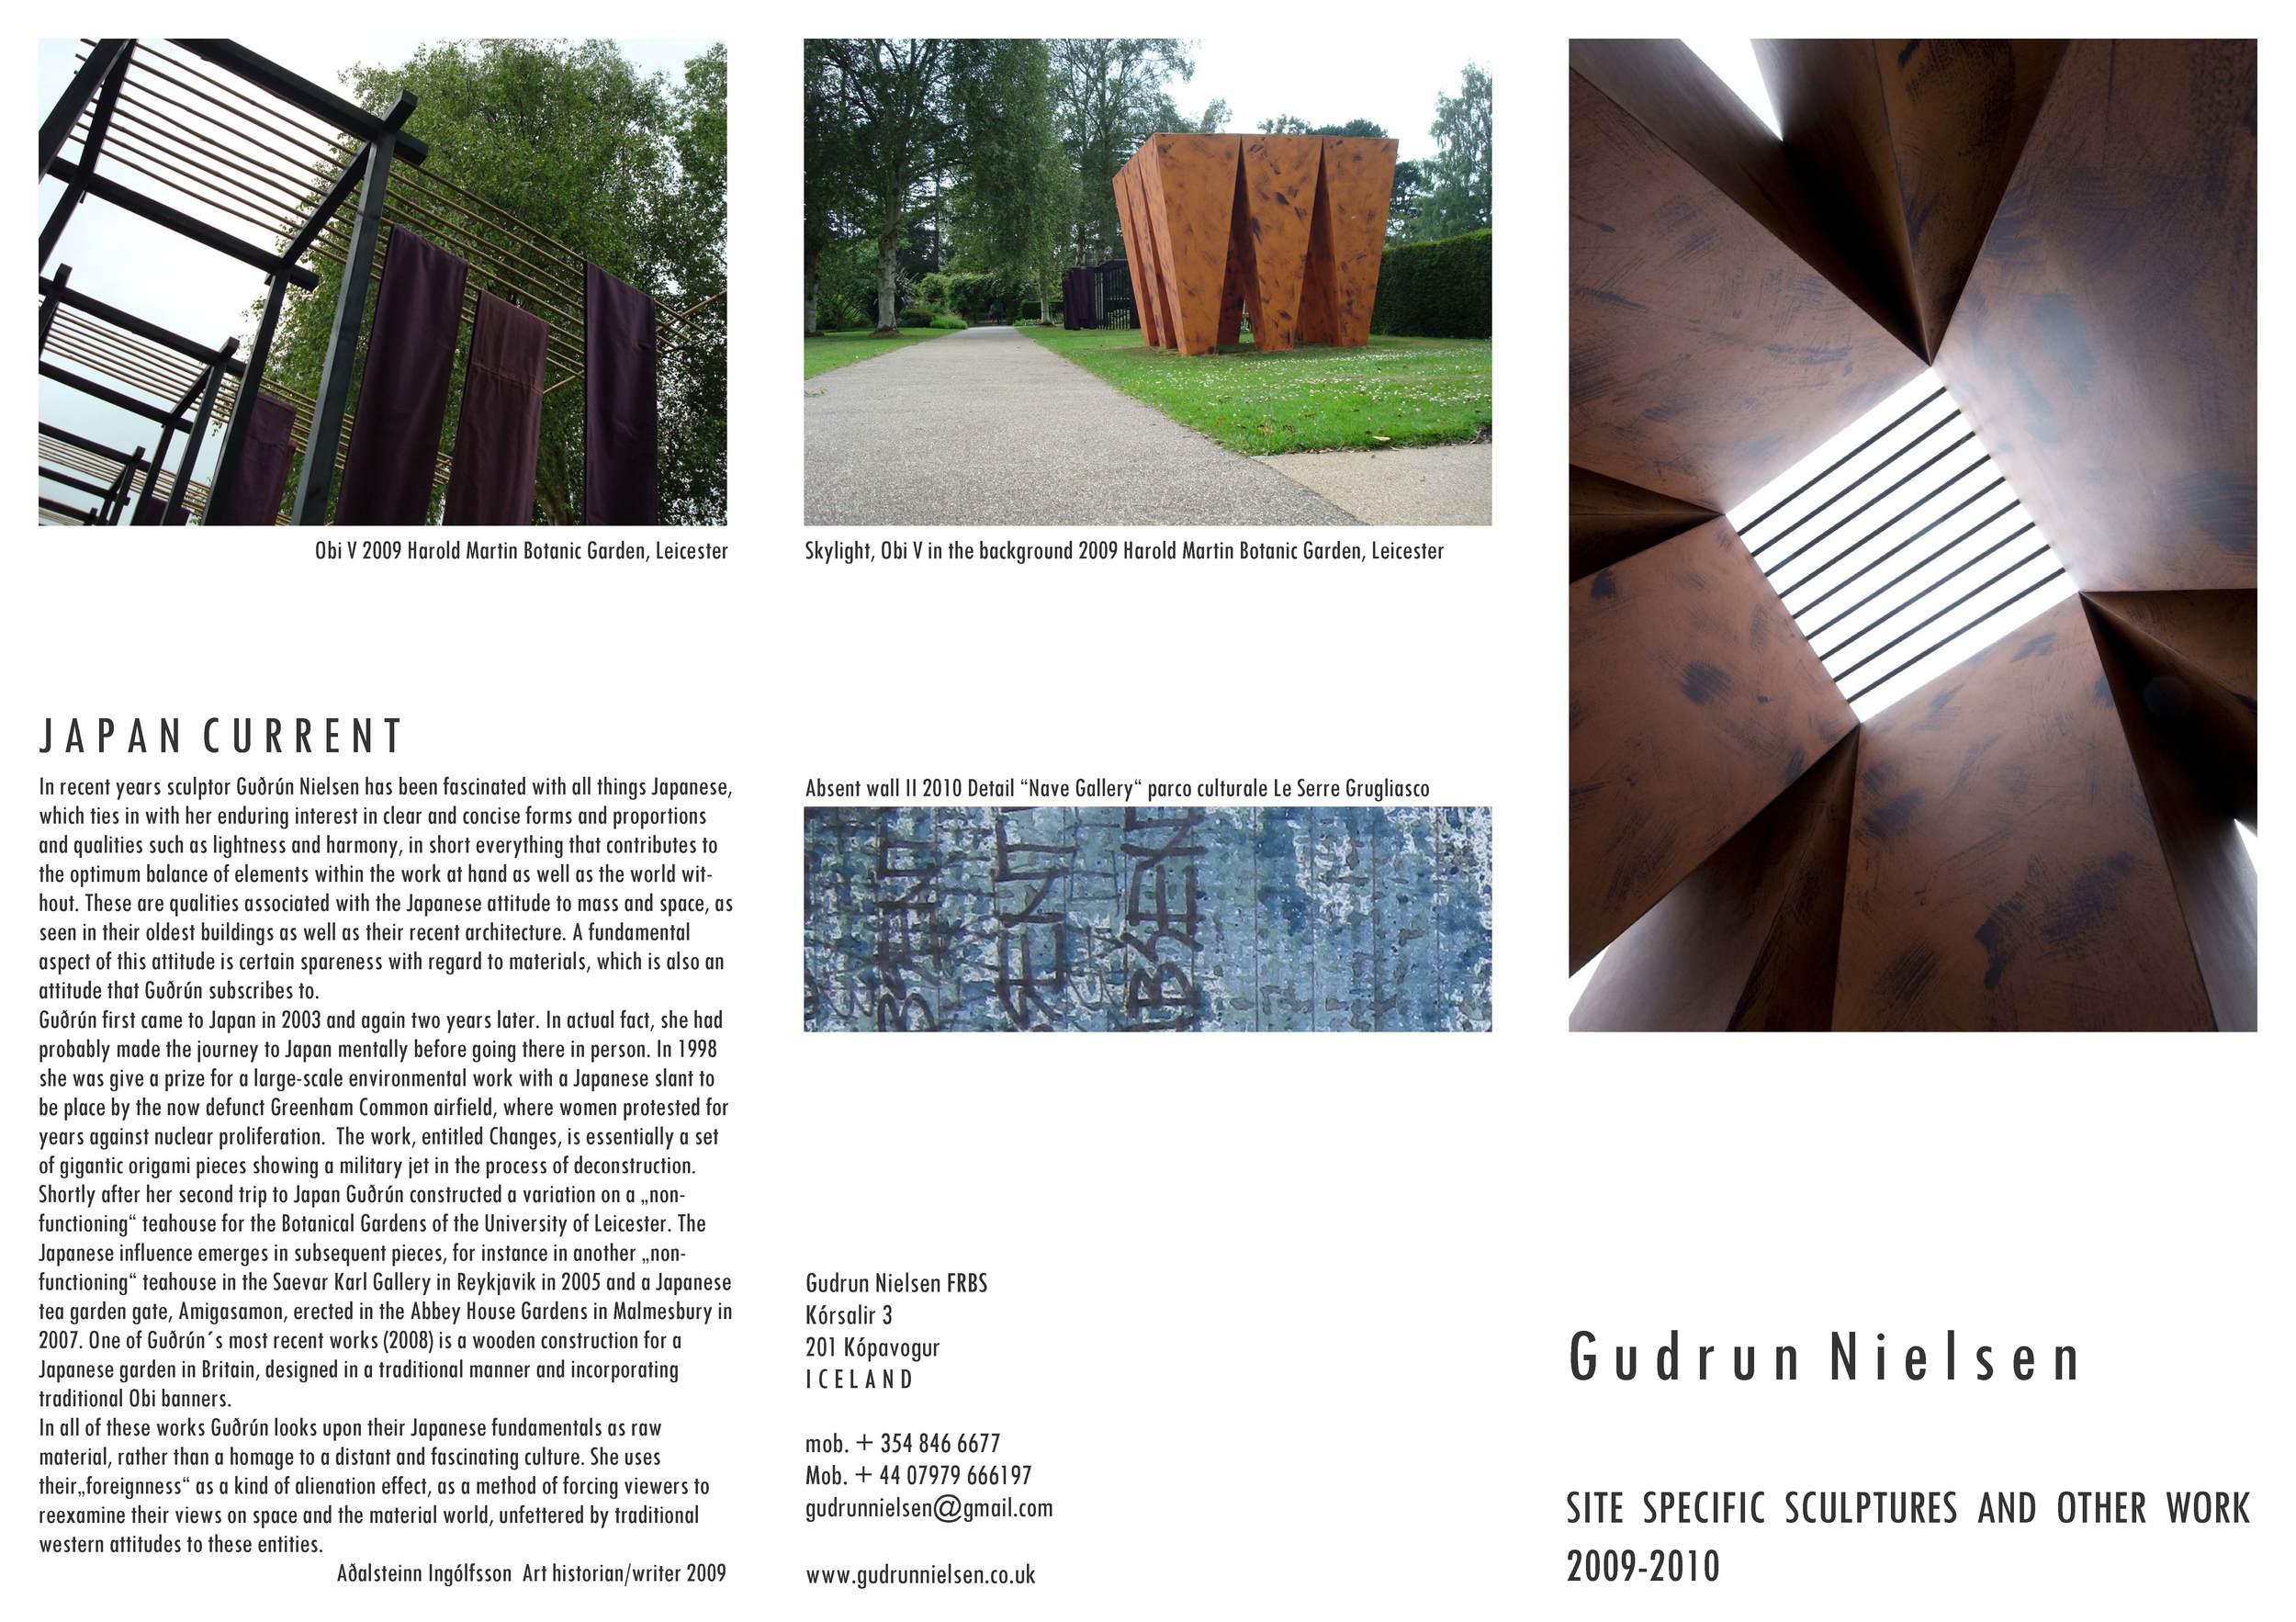 A4 fyrir Ítalíu Gudrun Nielsen.jpg bbb_Page_1.jpg